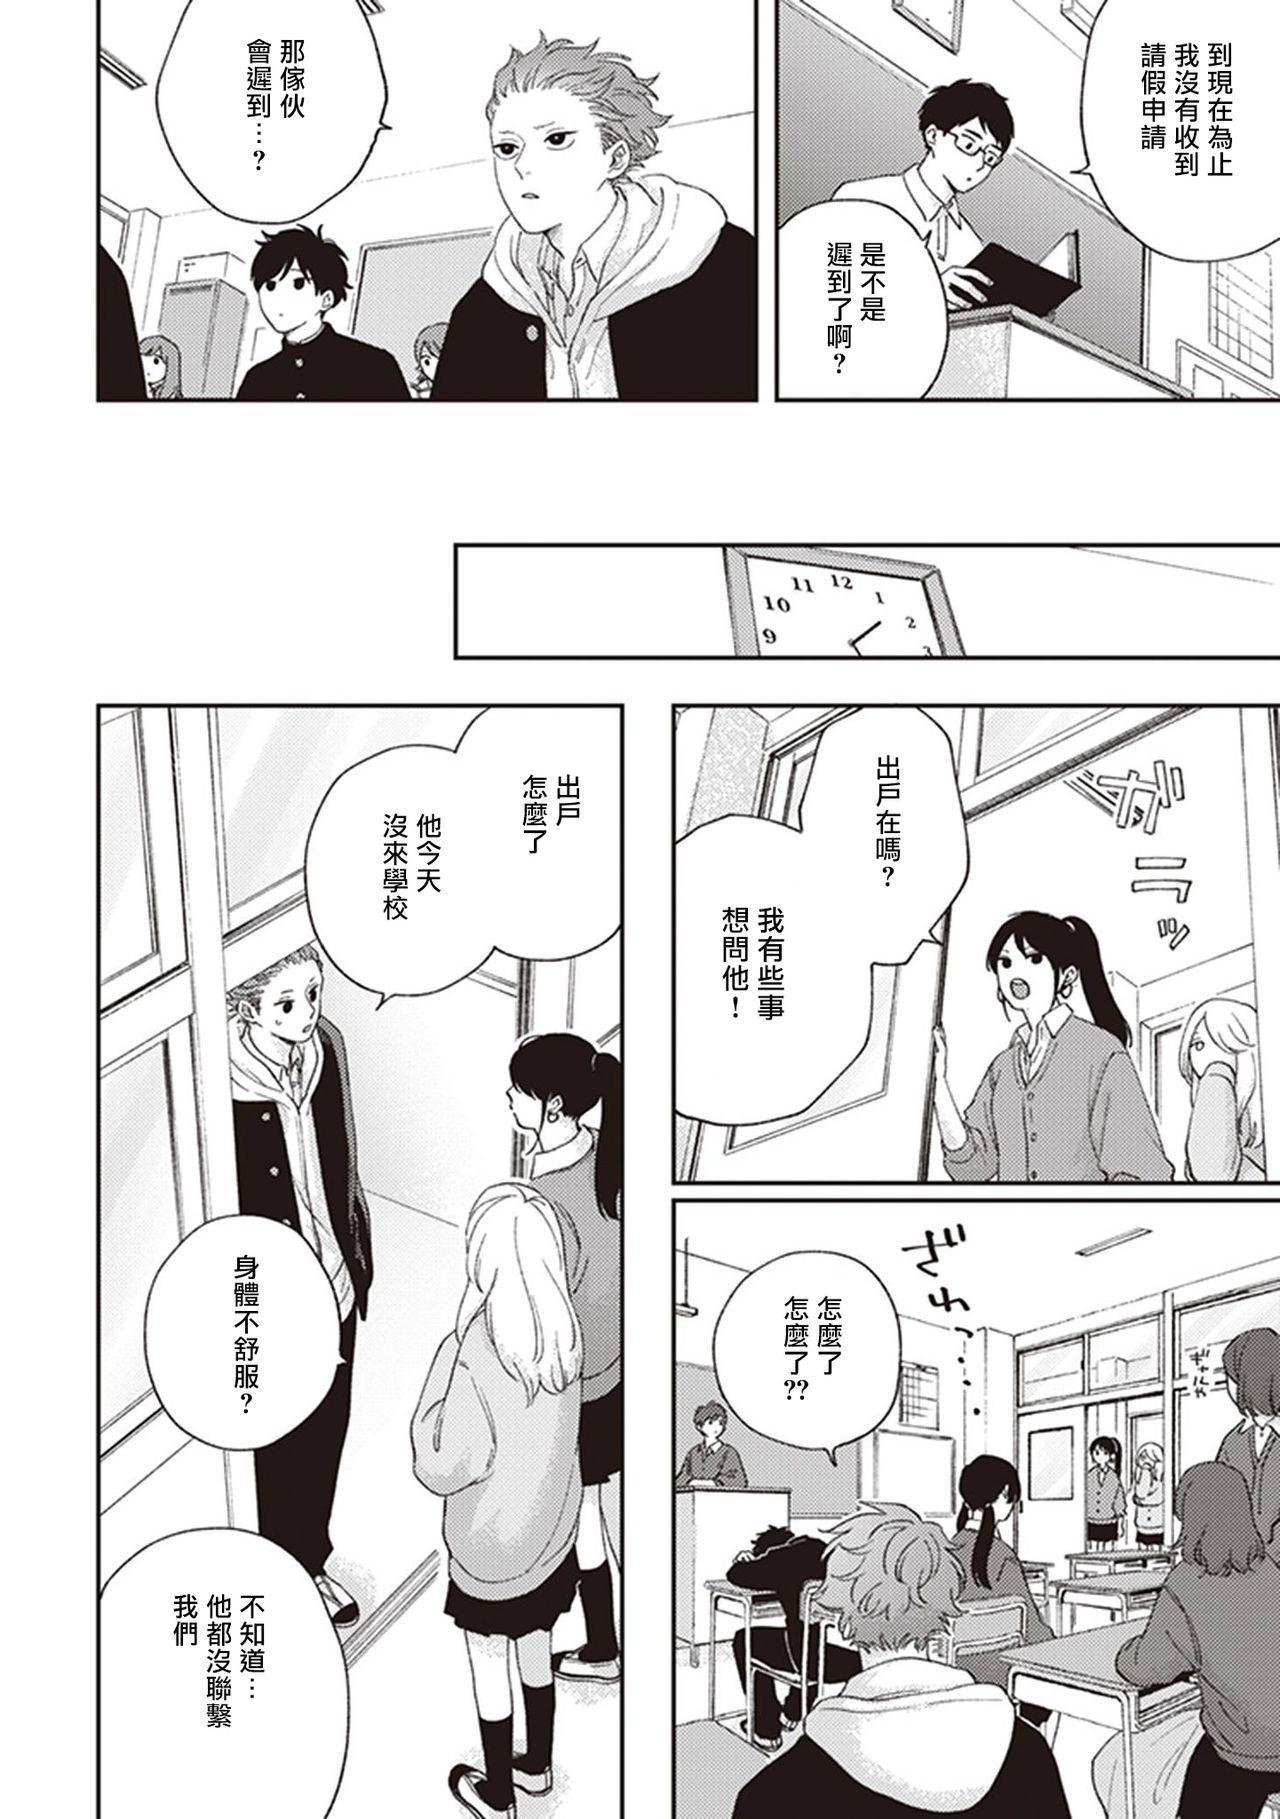 Fukutsu no Zono   不屈的佐诺 Ch. 1-3 89